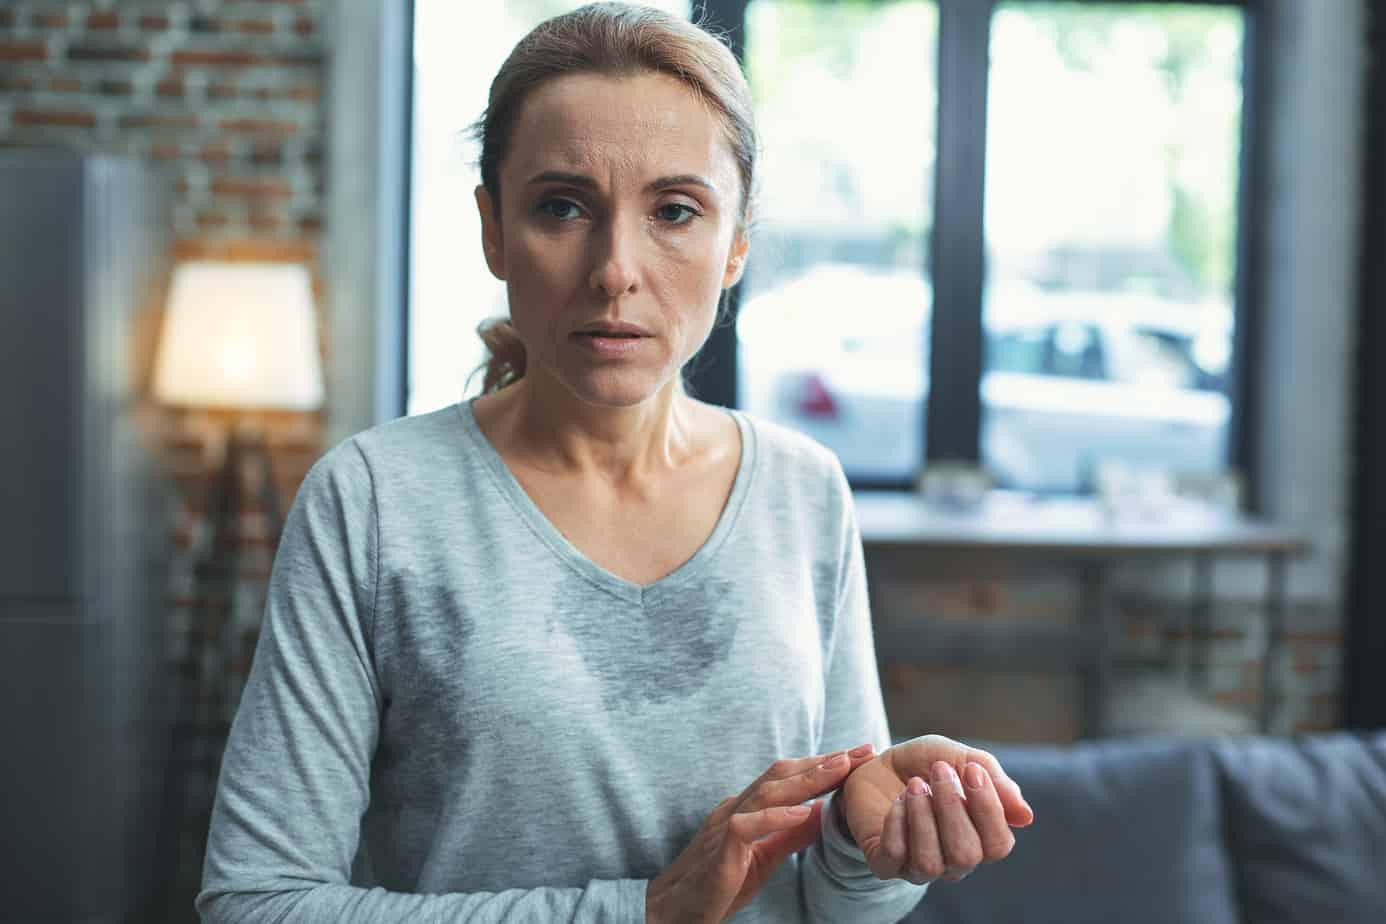 donna in menopausa sudata e preoccupata